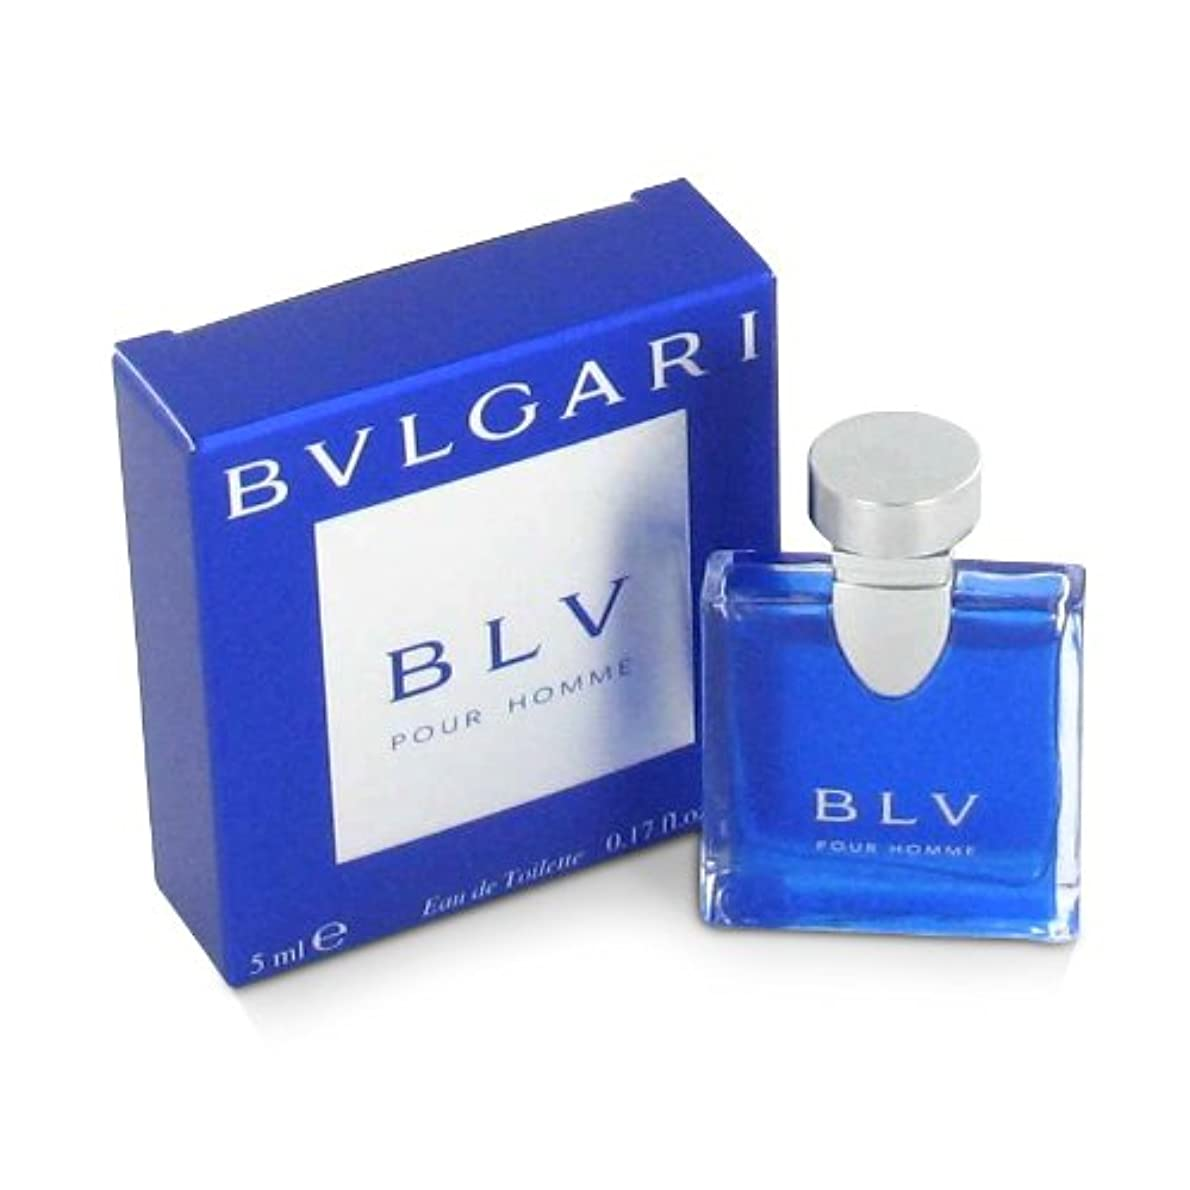 引き渡すマグ抵抗力があるブルガリ ブルー プールオム オーデトワレ 5ml(ミニ香水)